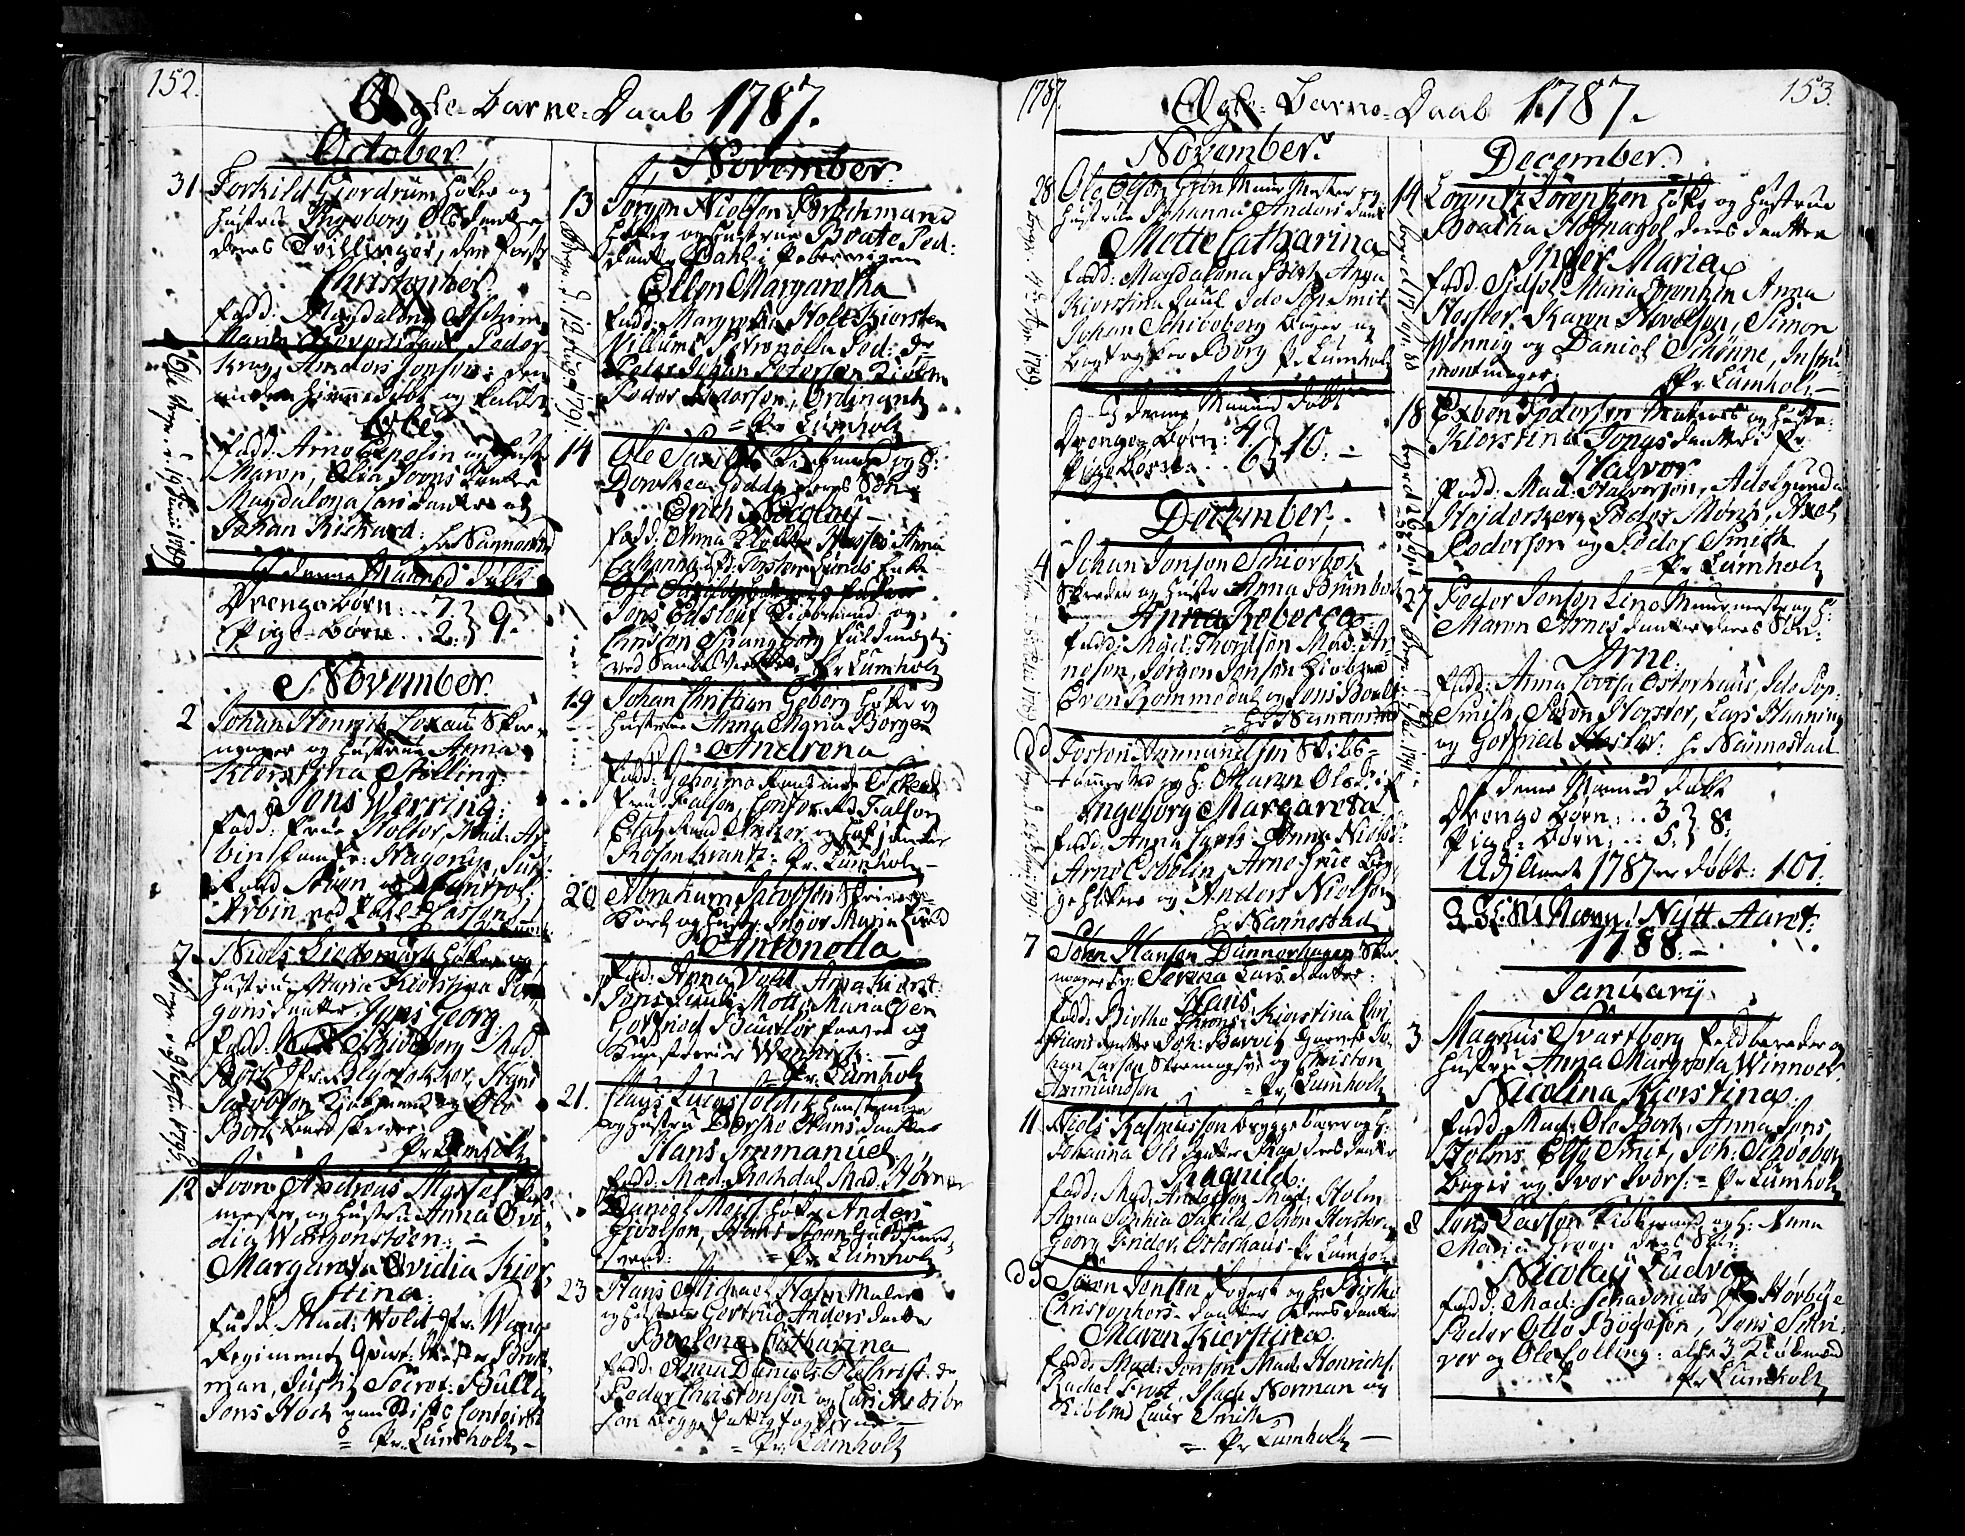 SAO, Oslo domkirke Kirkebøker, F/Fa/L0005: Ministerialbok nr. 5, 1787-1806, s. 152-153